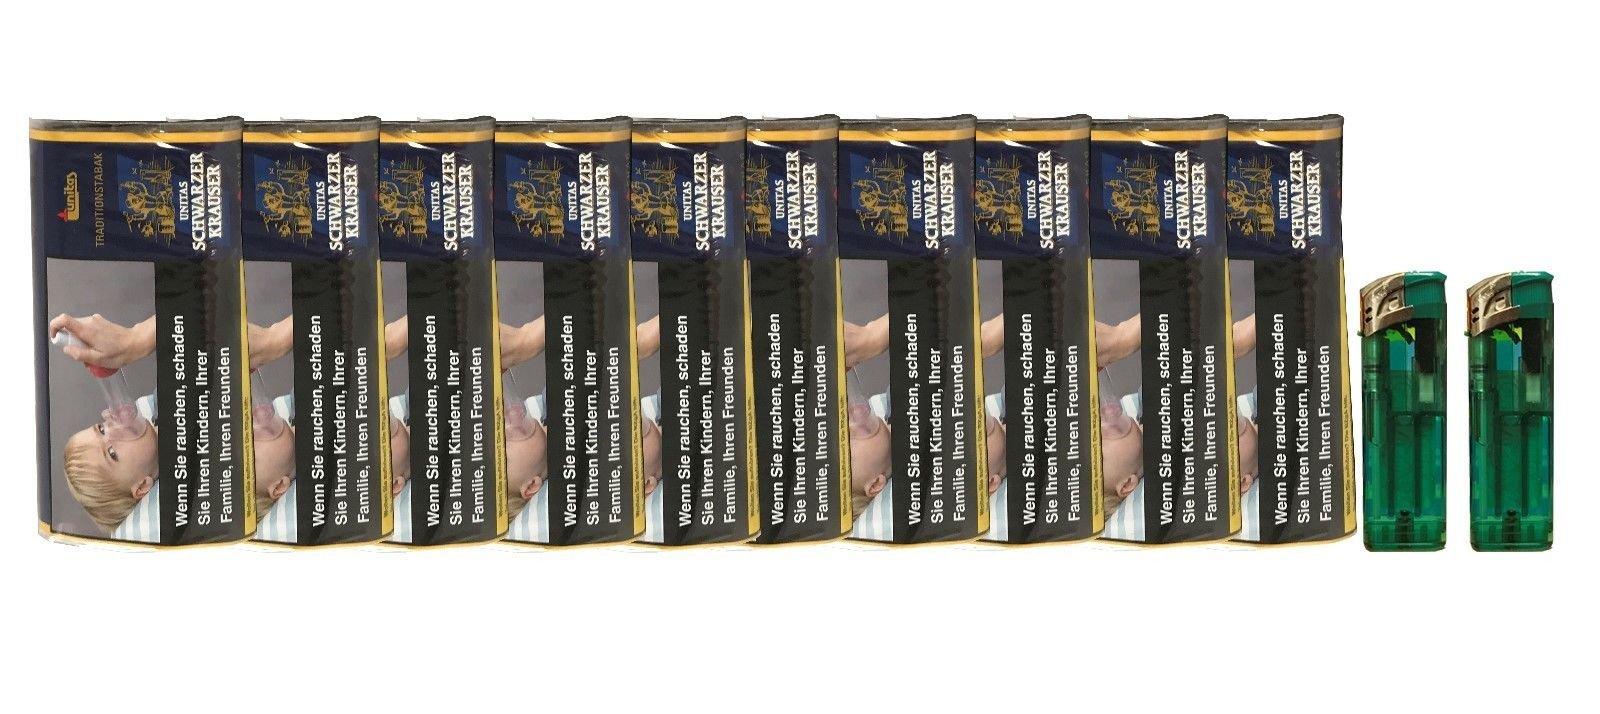 10x Pouches / Pack Schwarzer Krauser Zware Shag Drehtabak à 30 g +  Feuerzeuge